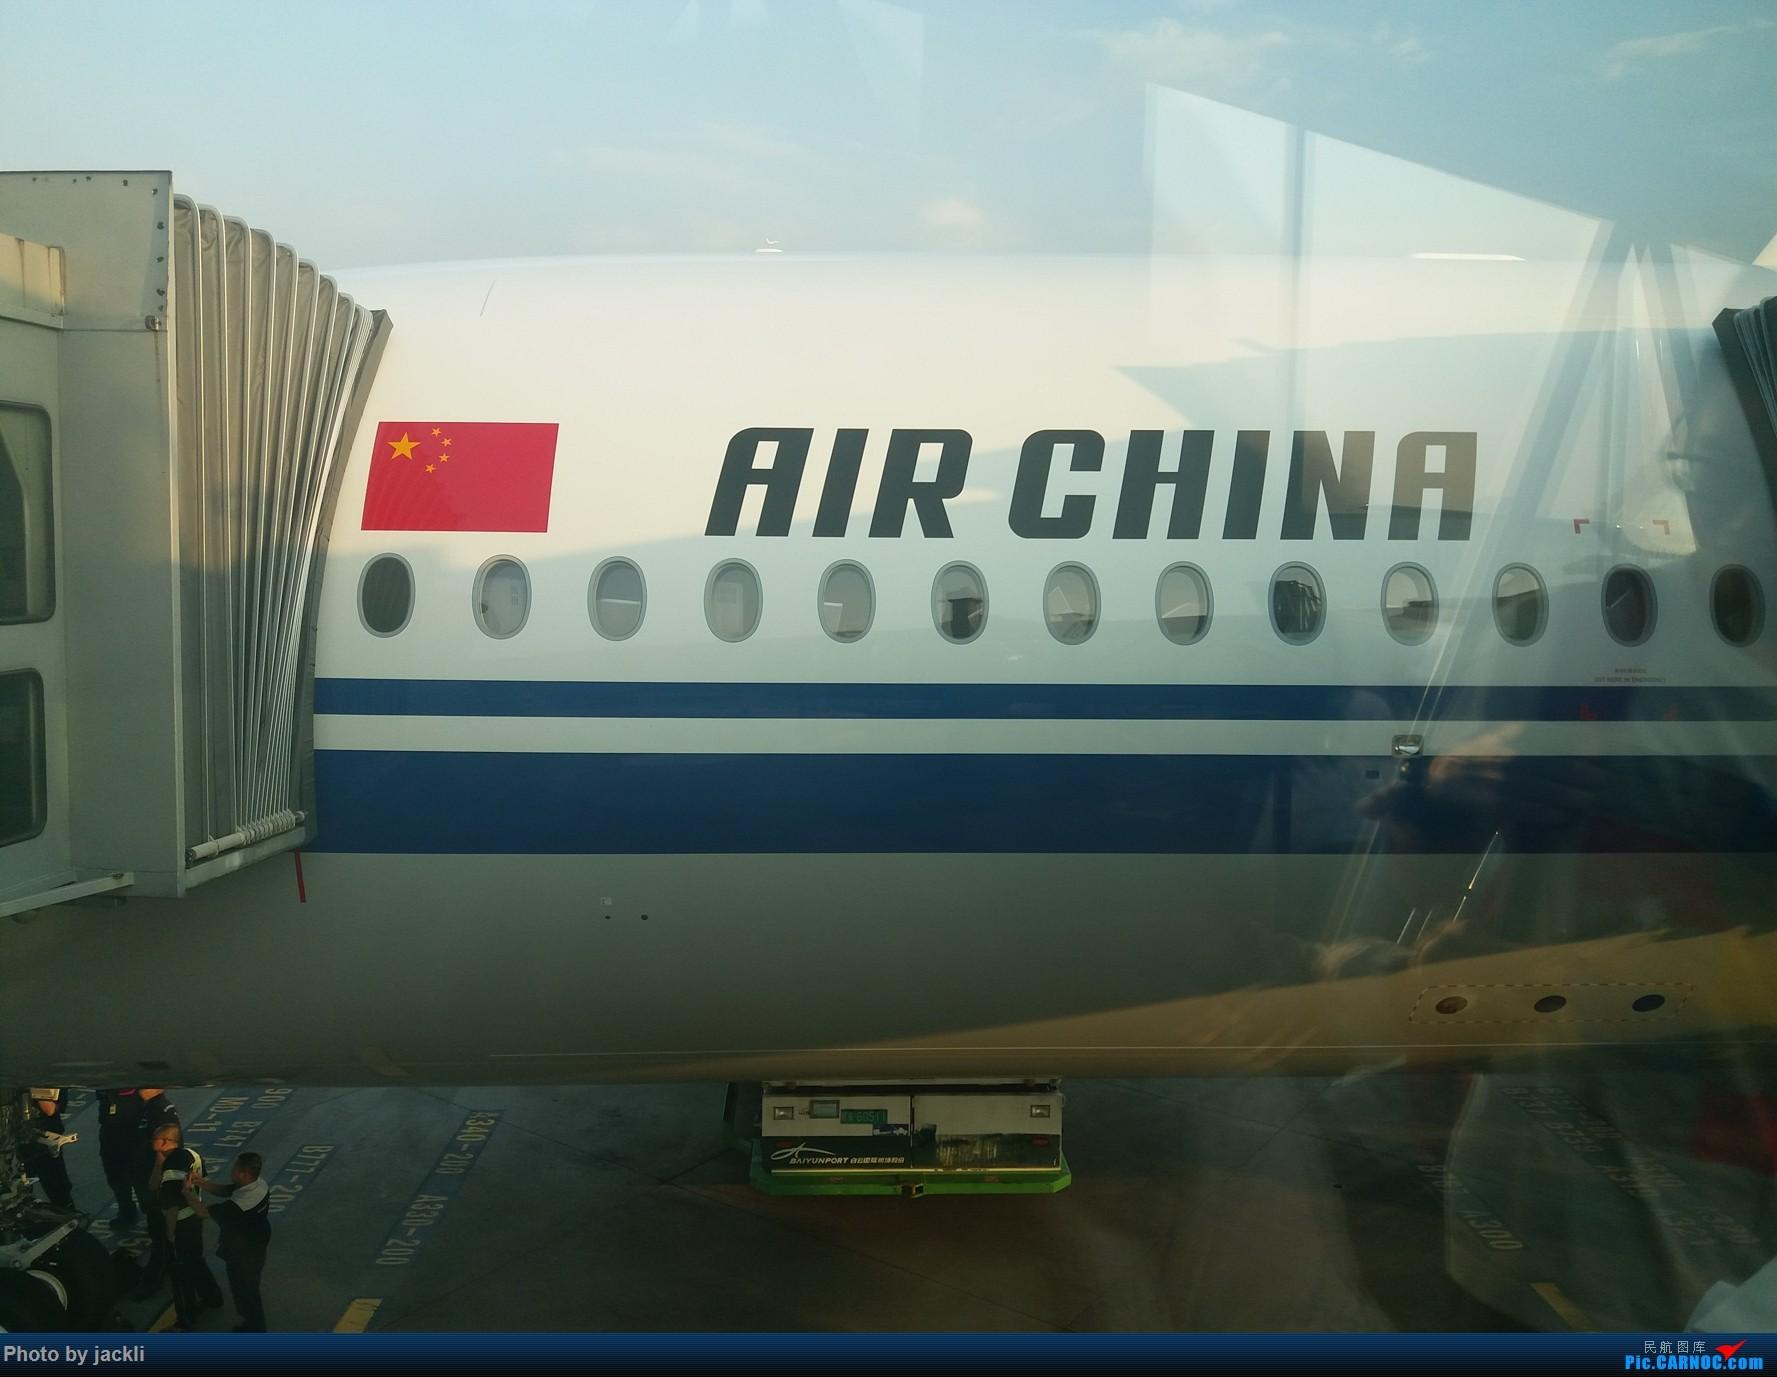 Re:[原创]【JackLi拍机+游记】北京首都机场拍机+参观民航博物馆+首次体验国航A350~ AIRBUS A350-900 B-1085 中国广州白云国际机场